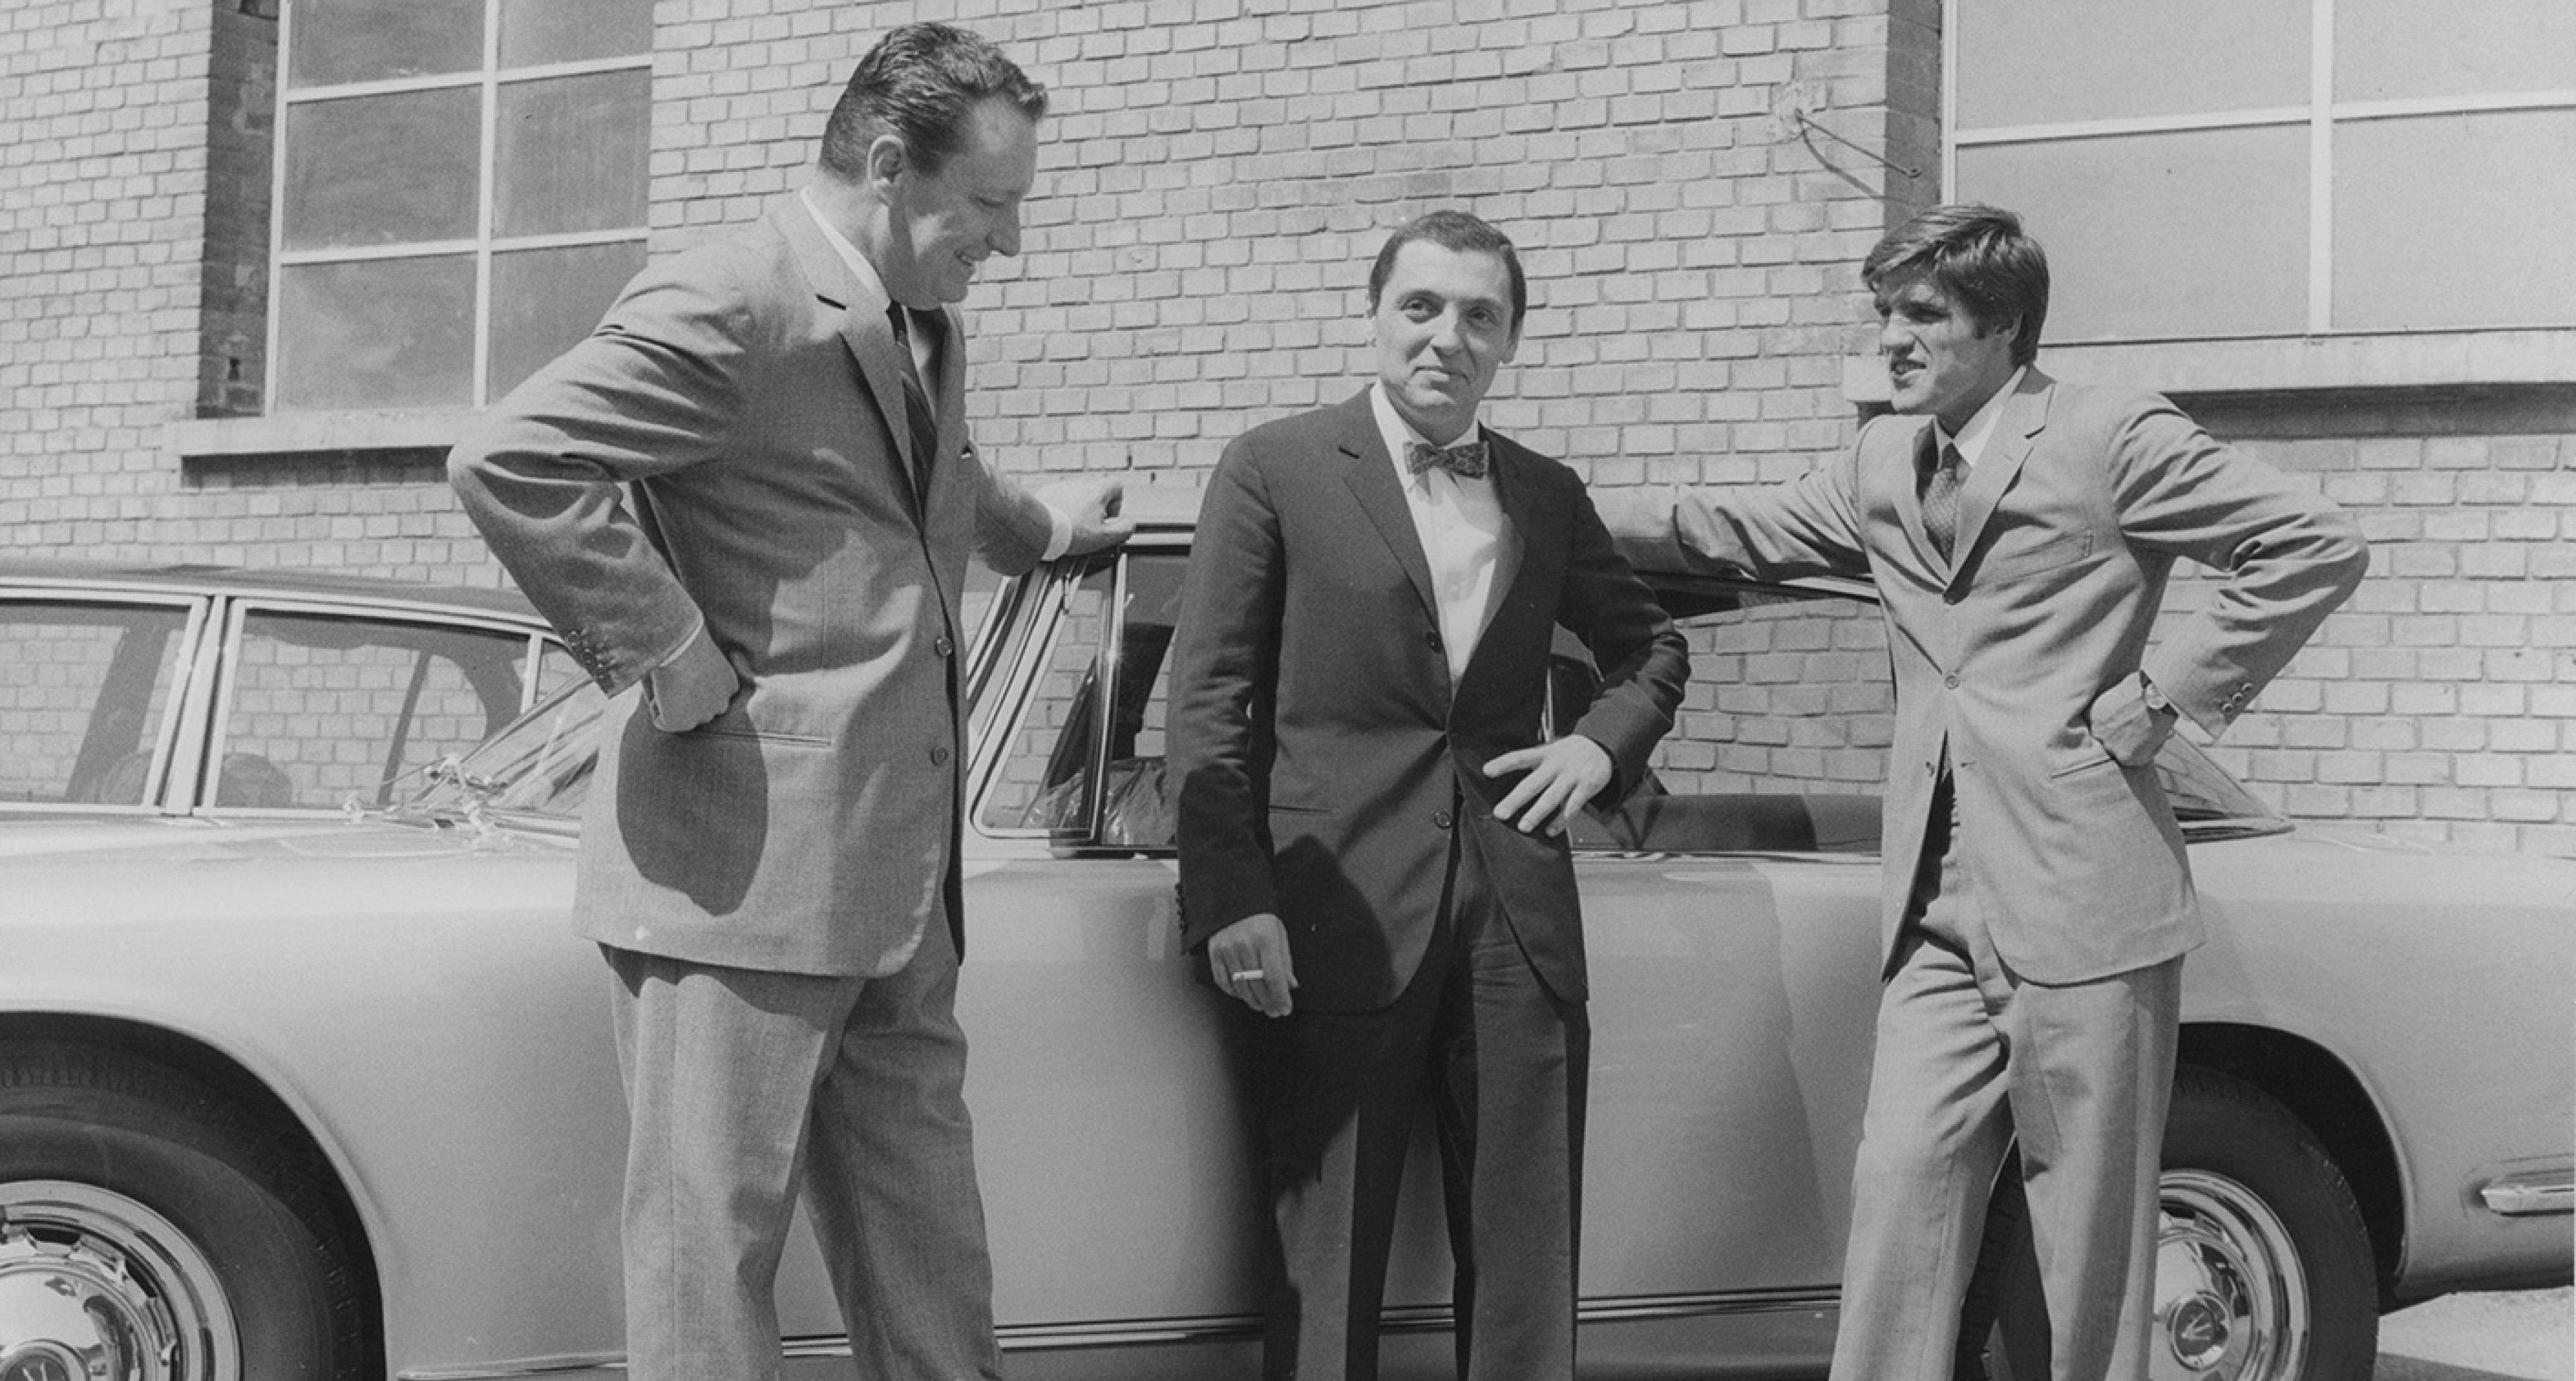 Nino Benvenuti meets Omar Orsi and Cesare Perdisa at the factory